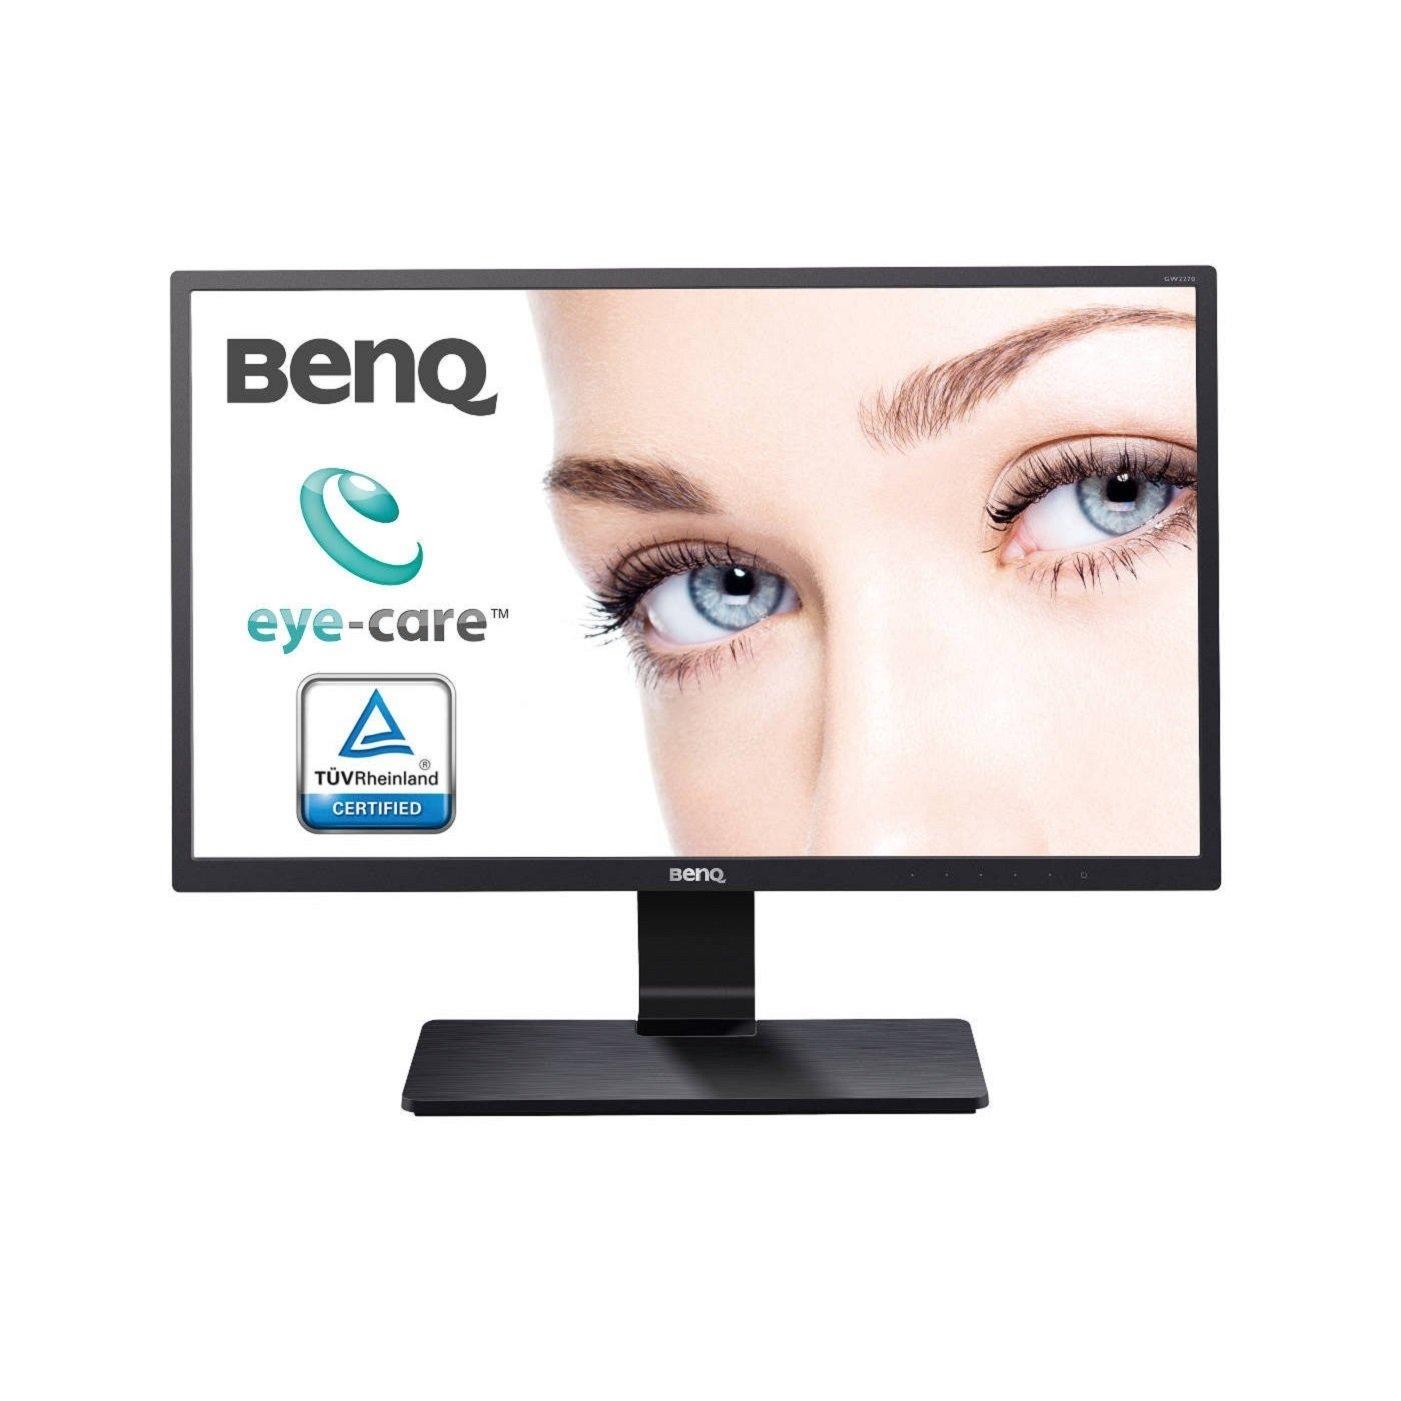 BenQ GW2270H Monitor 21.5 Pollici, FHD, 2 Porte HDMI, Nero